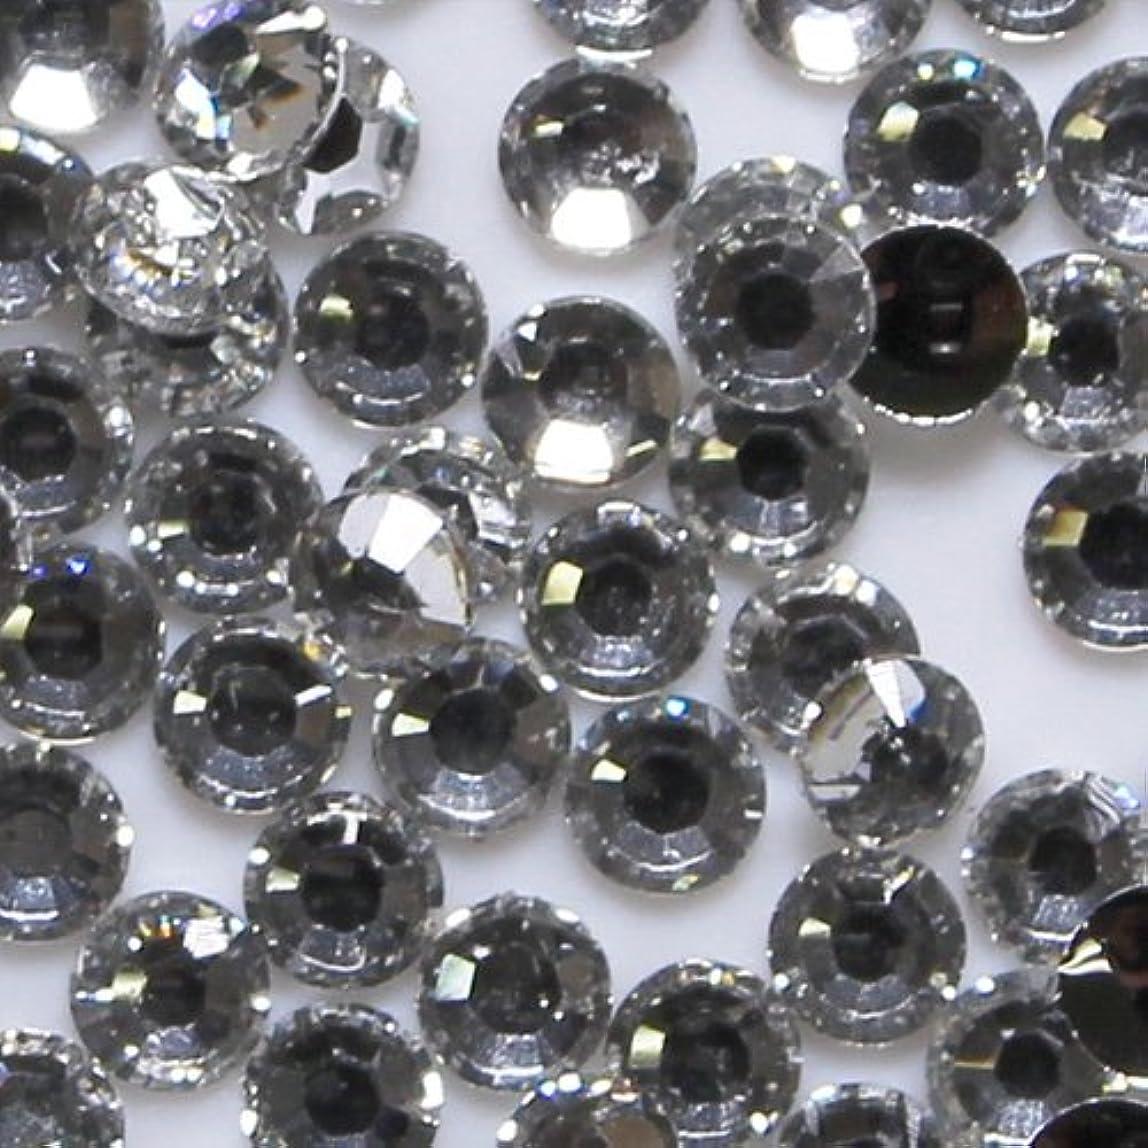 アーネストシャクルトンシュガーロイヤリティ高品質 アクリルストーン ラインストーン ラウンドフラット 約1000粒入り 4mm ダイヤモンド